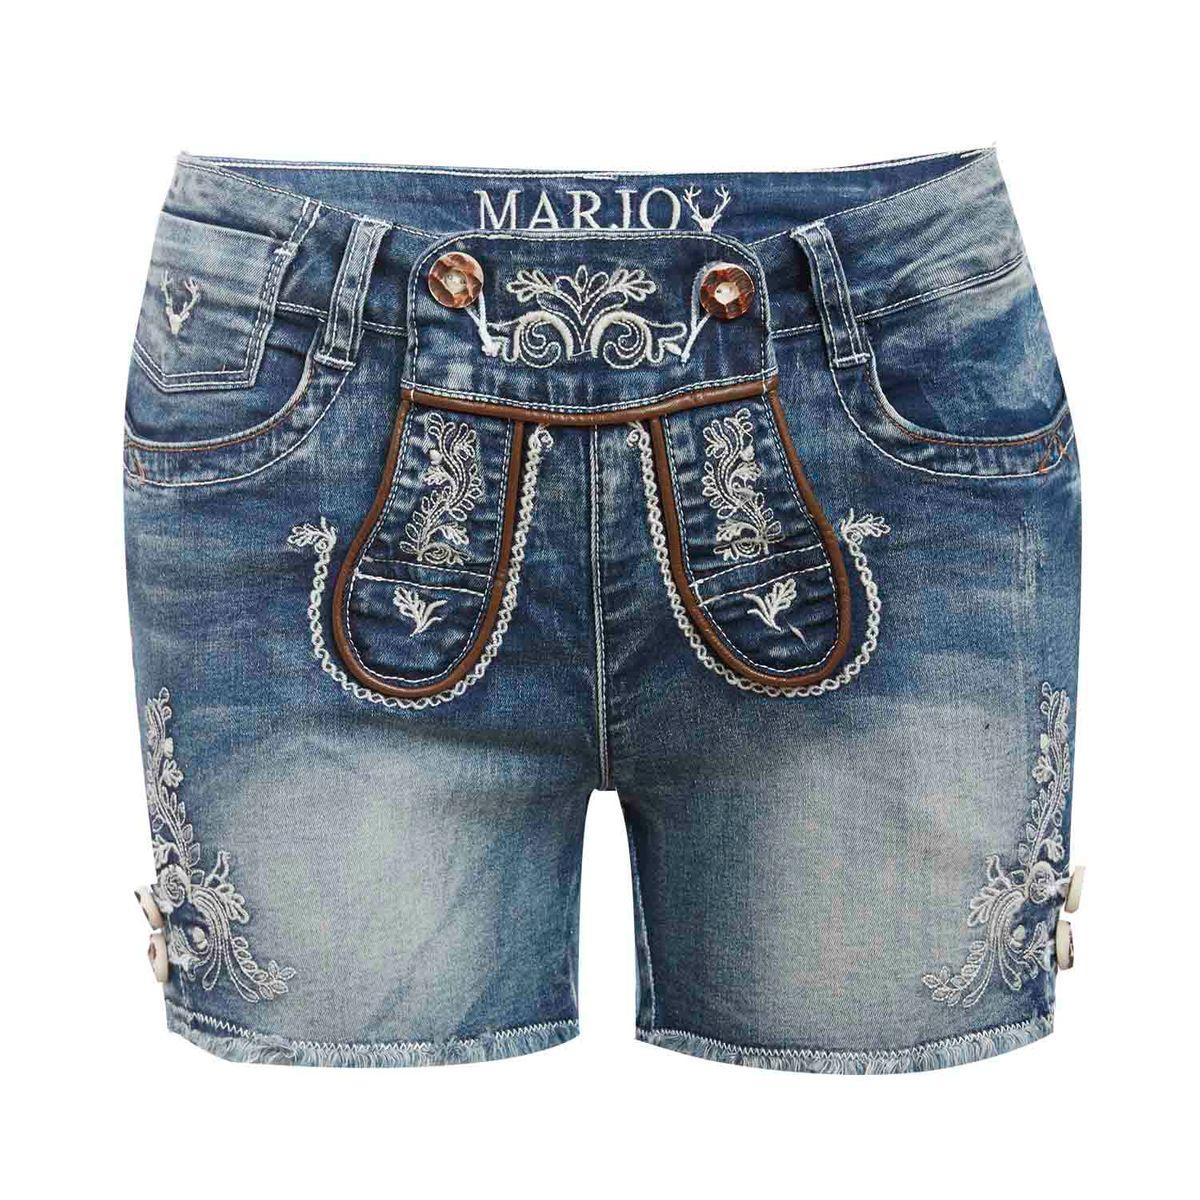 Kurze Jeans-Lederhose Franziska in Blau von Marjo Trachten günstig online kaufen